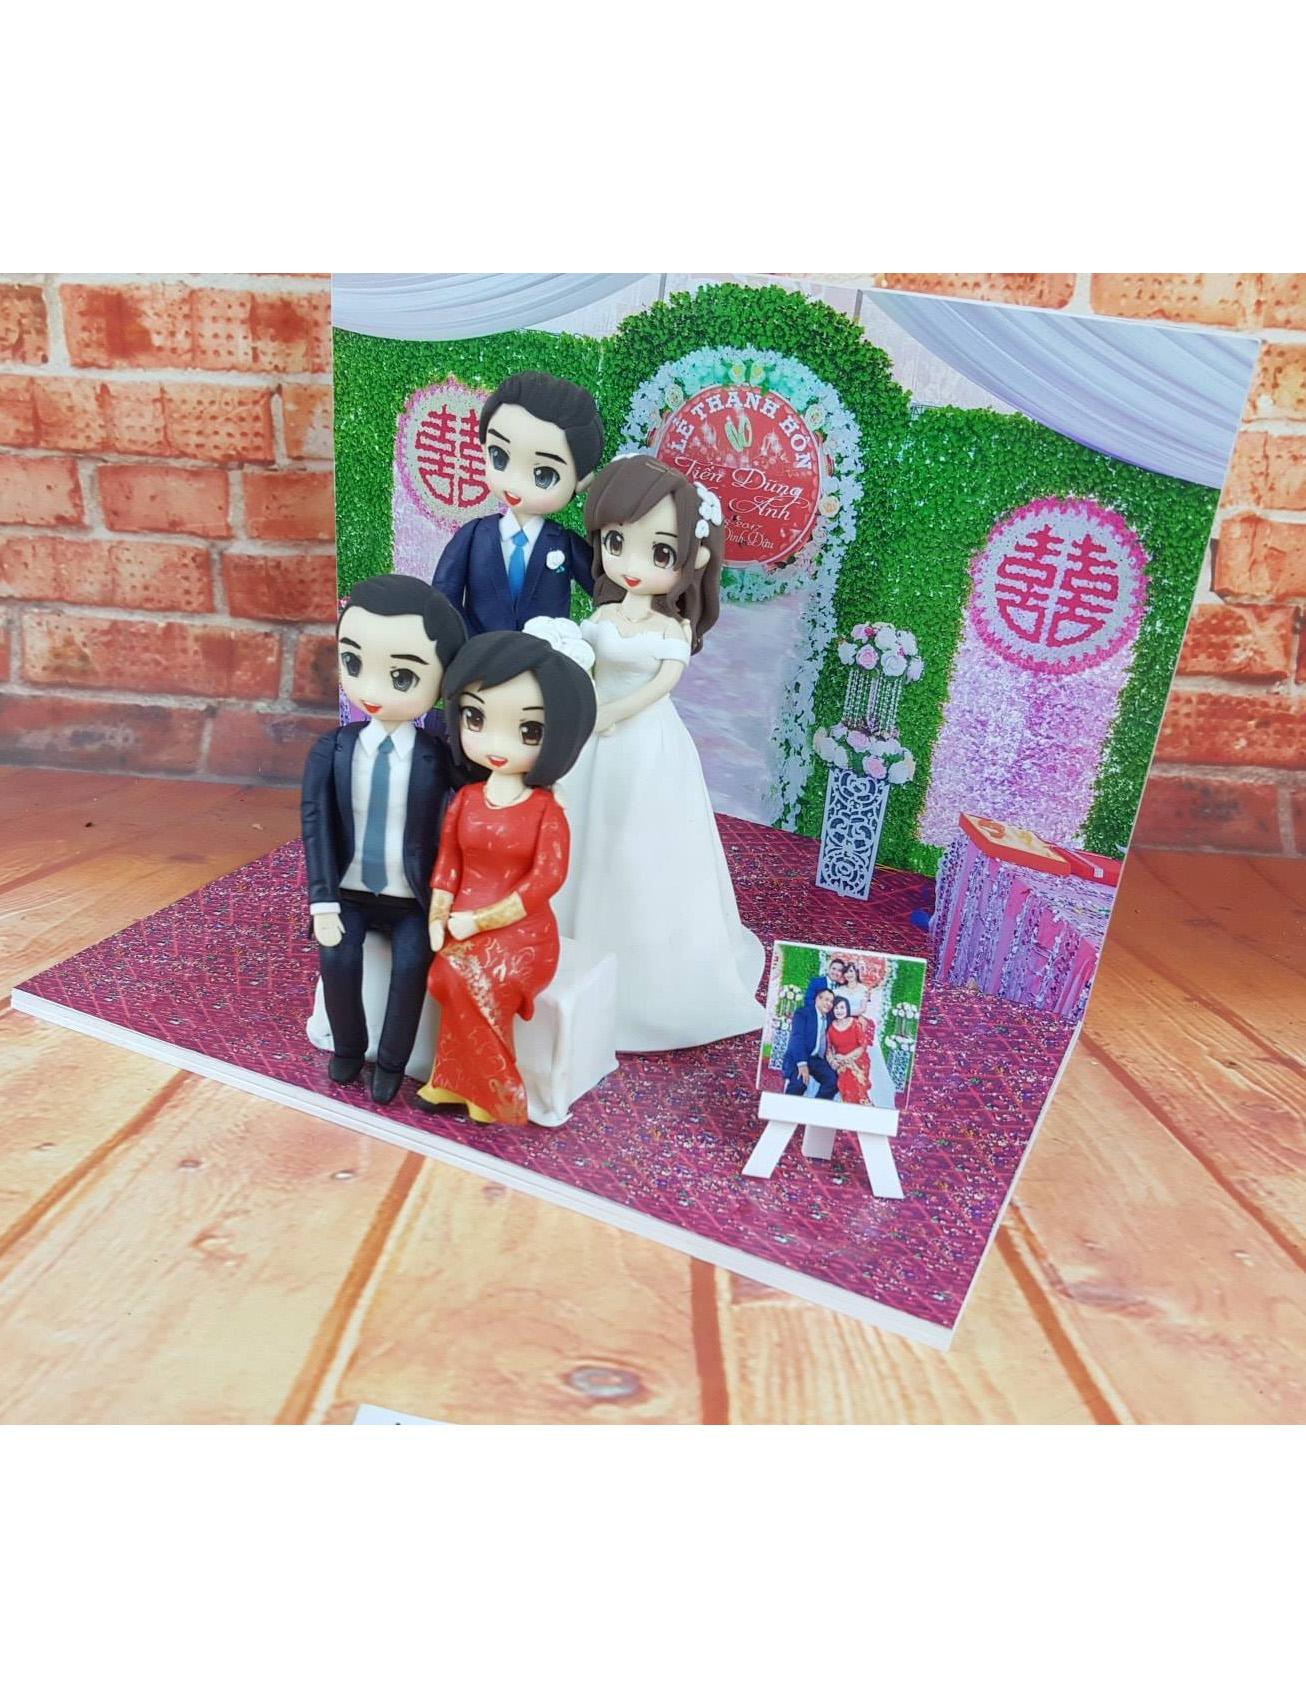 Quà tặng đám cưới【Mua Ngay】 【Click Ngay】 【Khuyến Mãi】 【Sale Off】